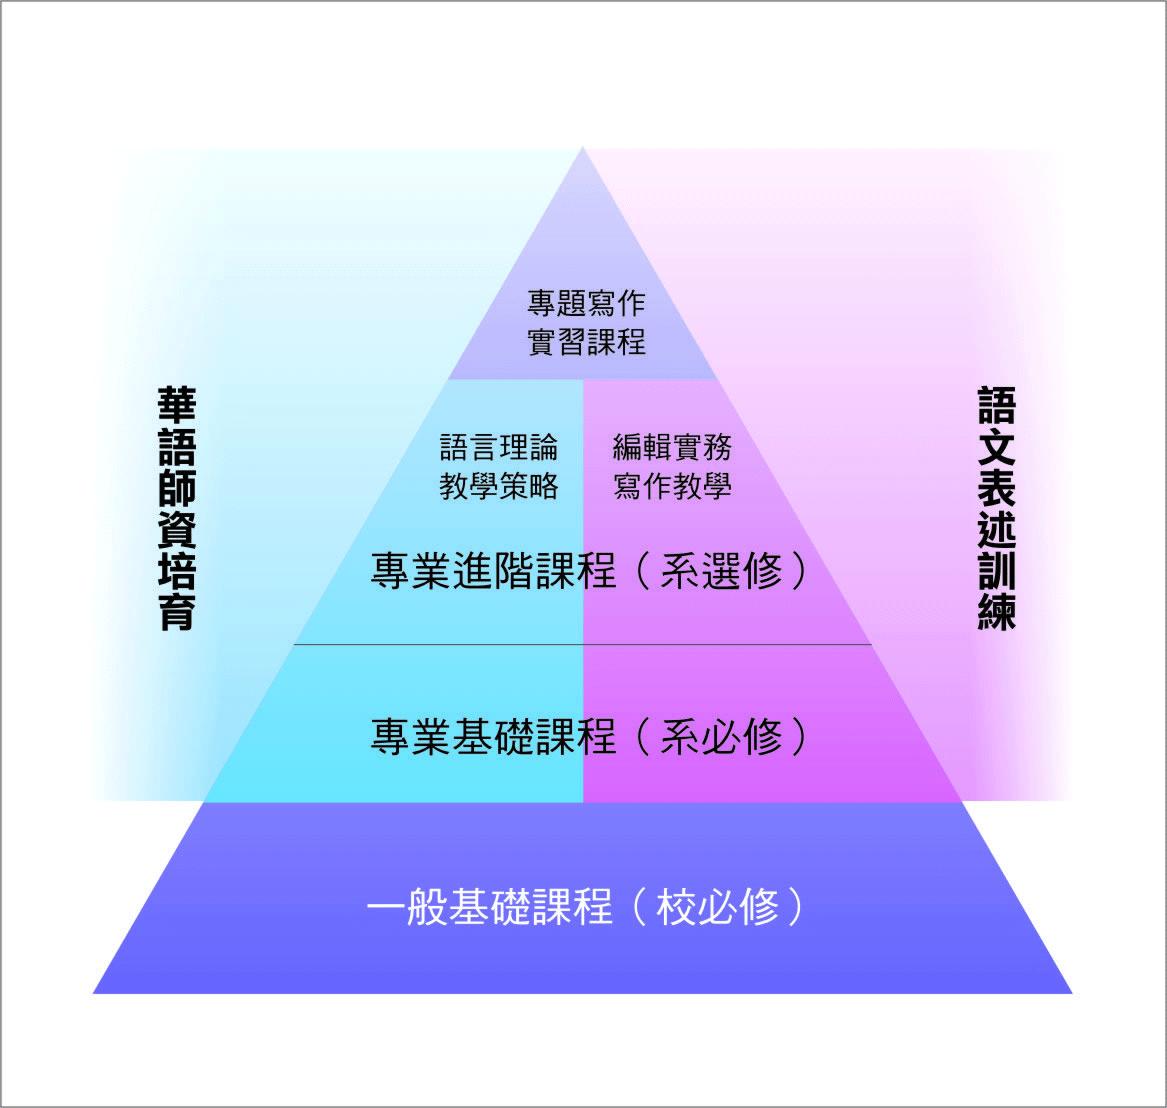 課程結構圖